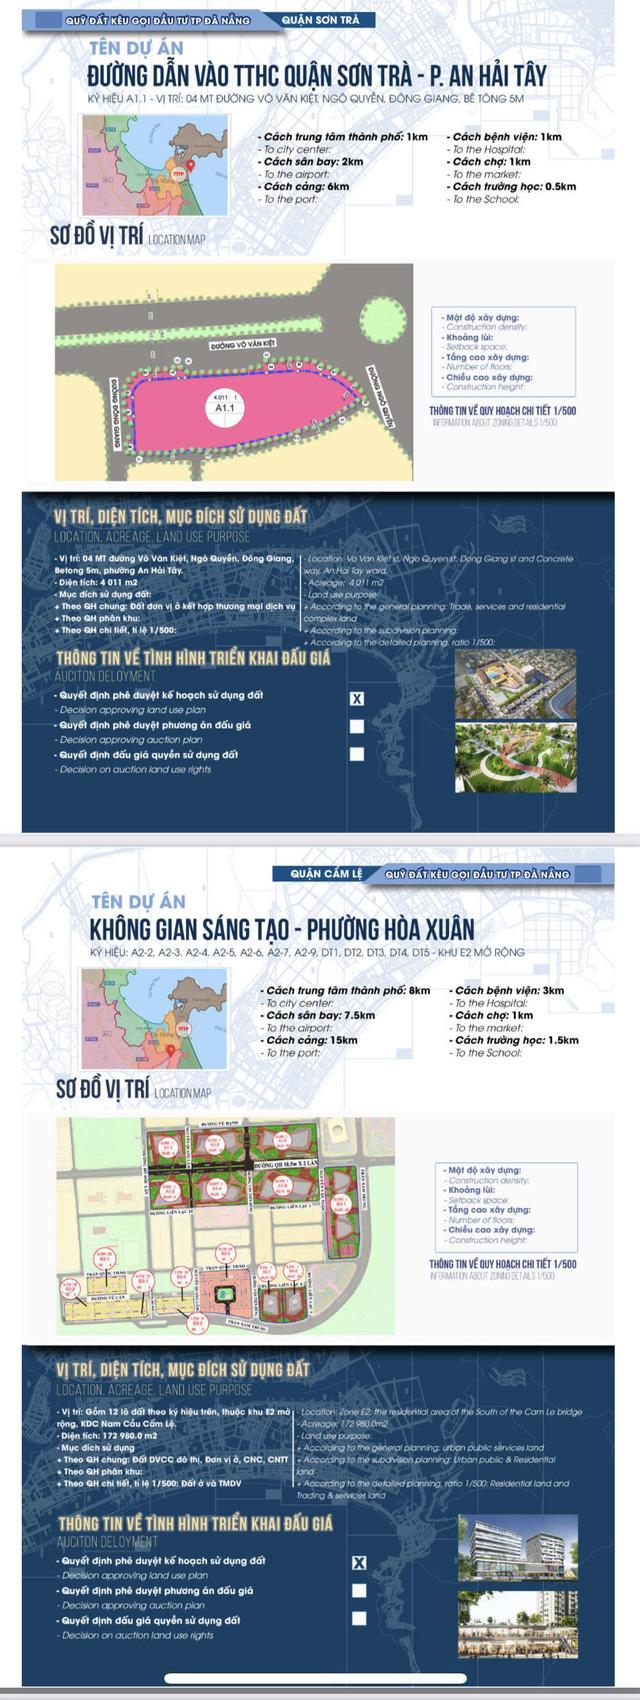 Sau sốt đất, Đà Nẵng bất ngờ công bố chi tiết 22 khu đất sạch kêu gọi đầu tư - Ảnh 4.